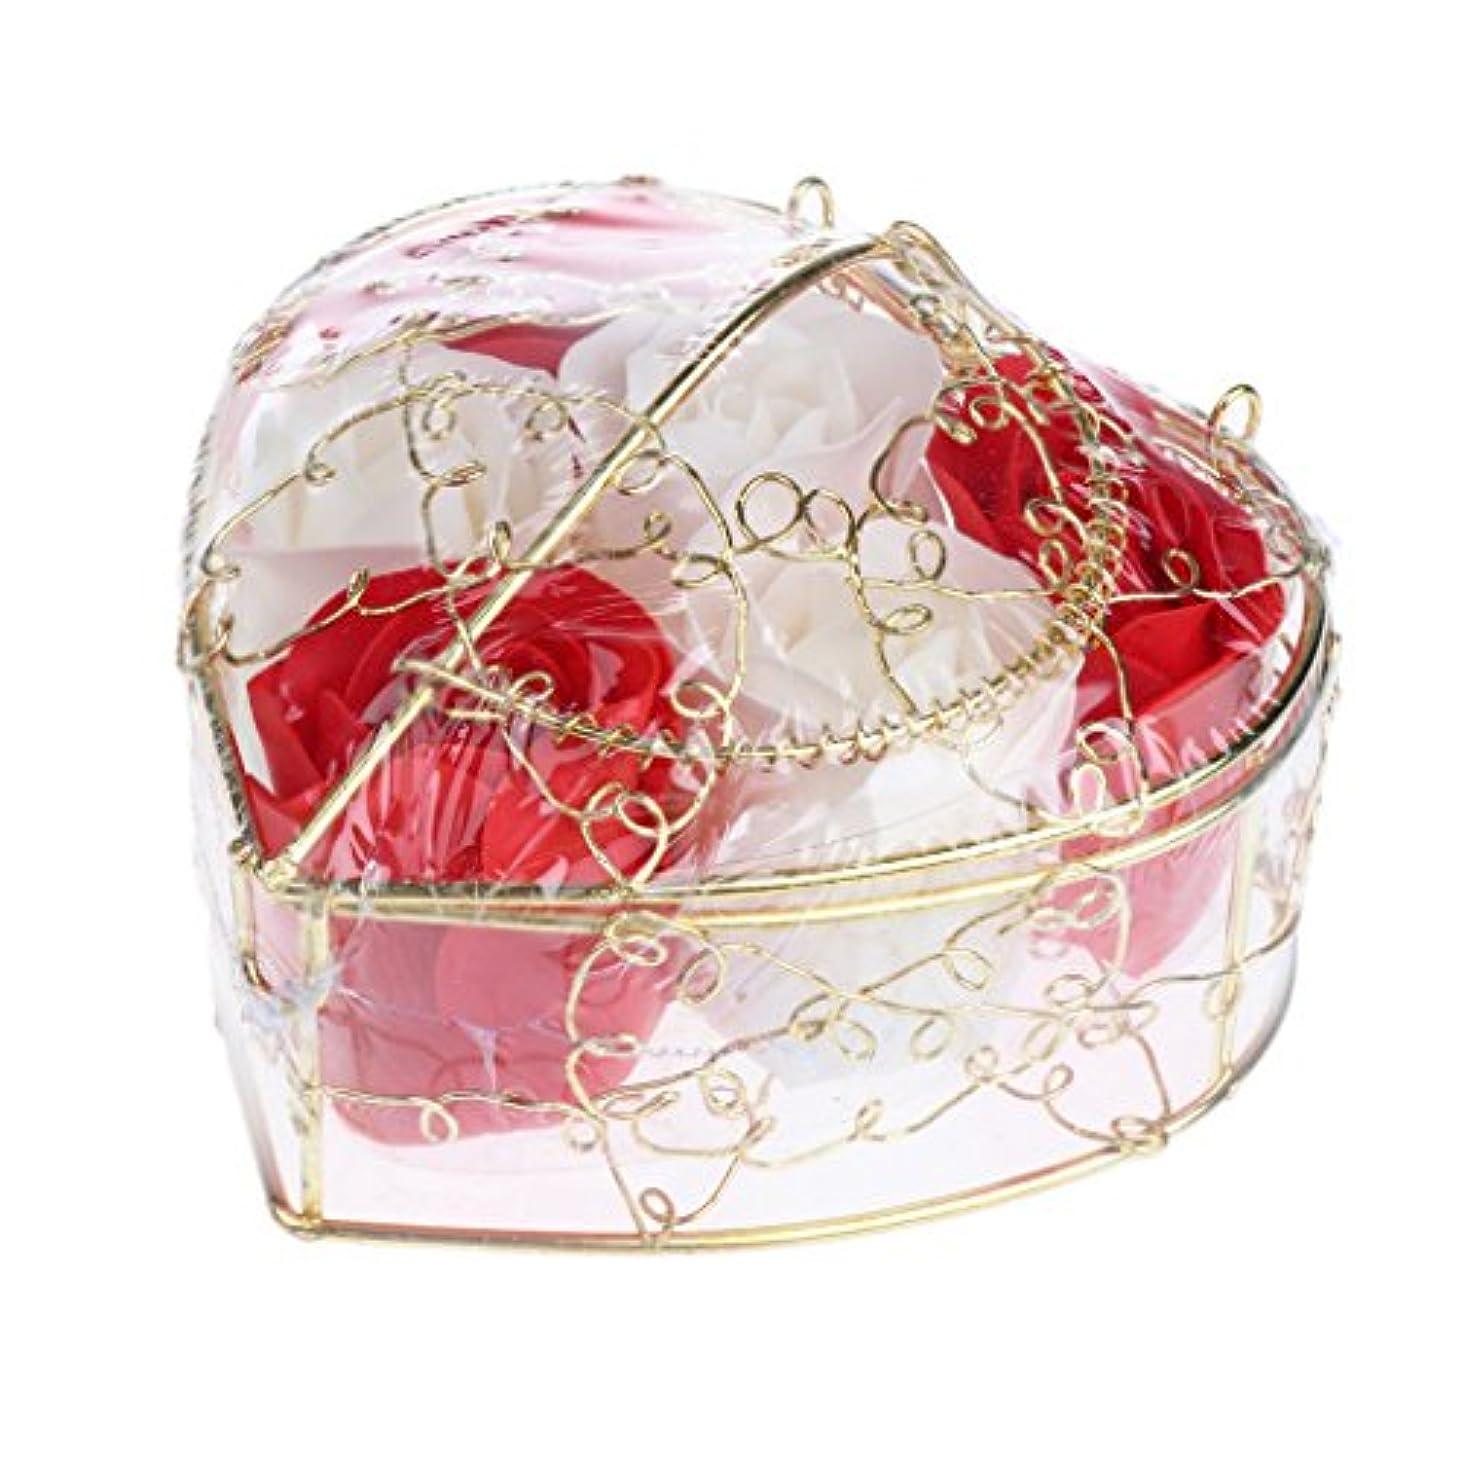 Perfk 6個 石鹸の花 石鹸花  造花 フラワー バラ ソープフラワー  シャボンフラワー  フラワーボックス プレゼント 全5タイプ選べる - 赤と白